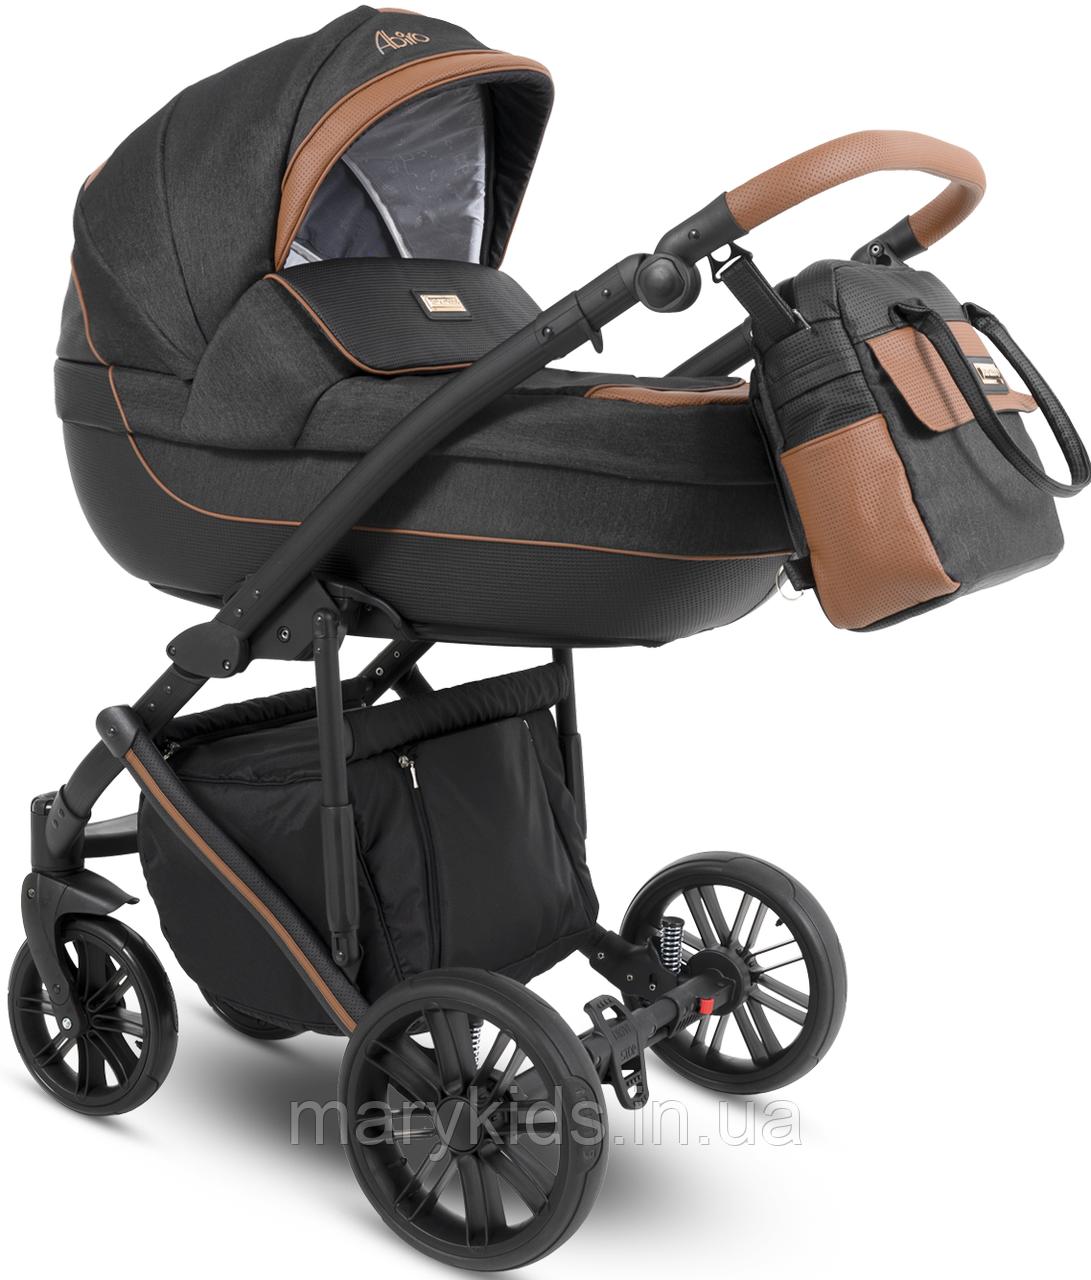 Детская универсальная коляска 2 в 1 Camarelo Abrio - 2